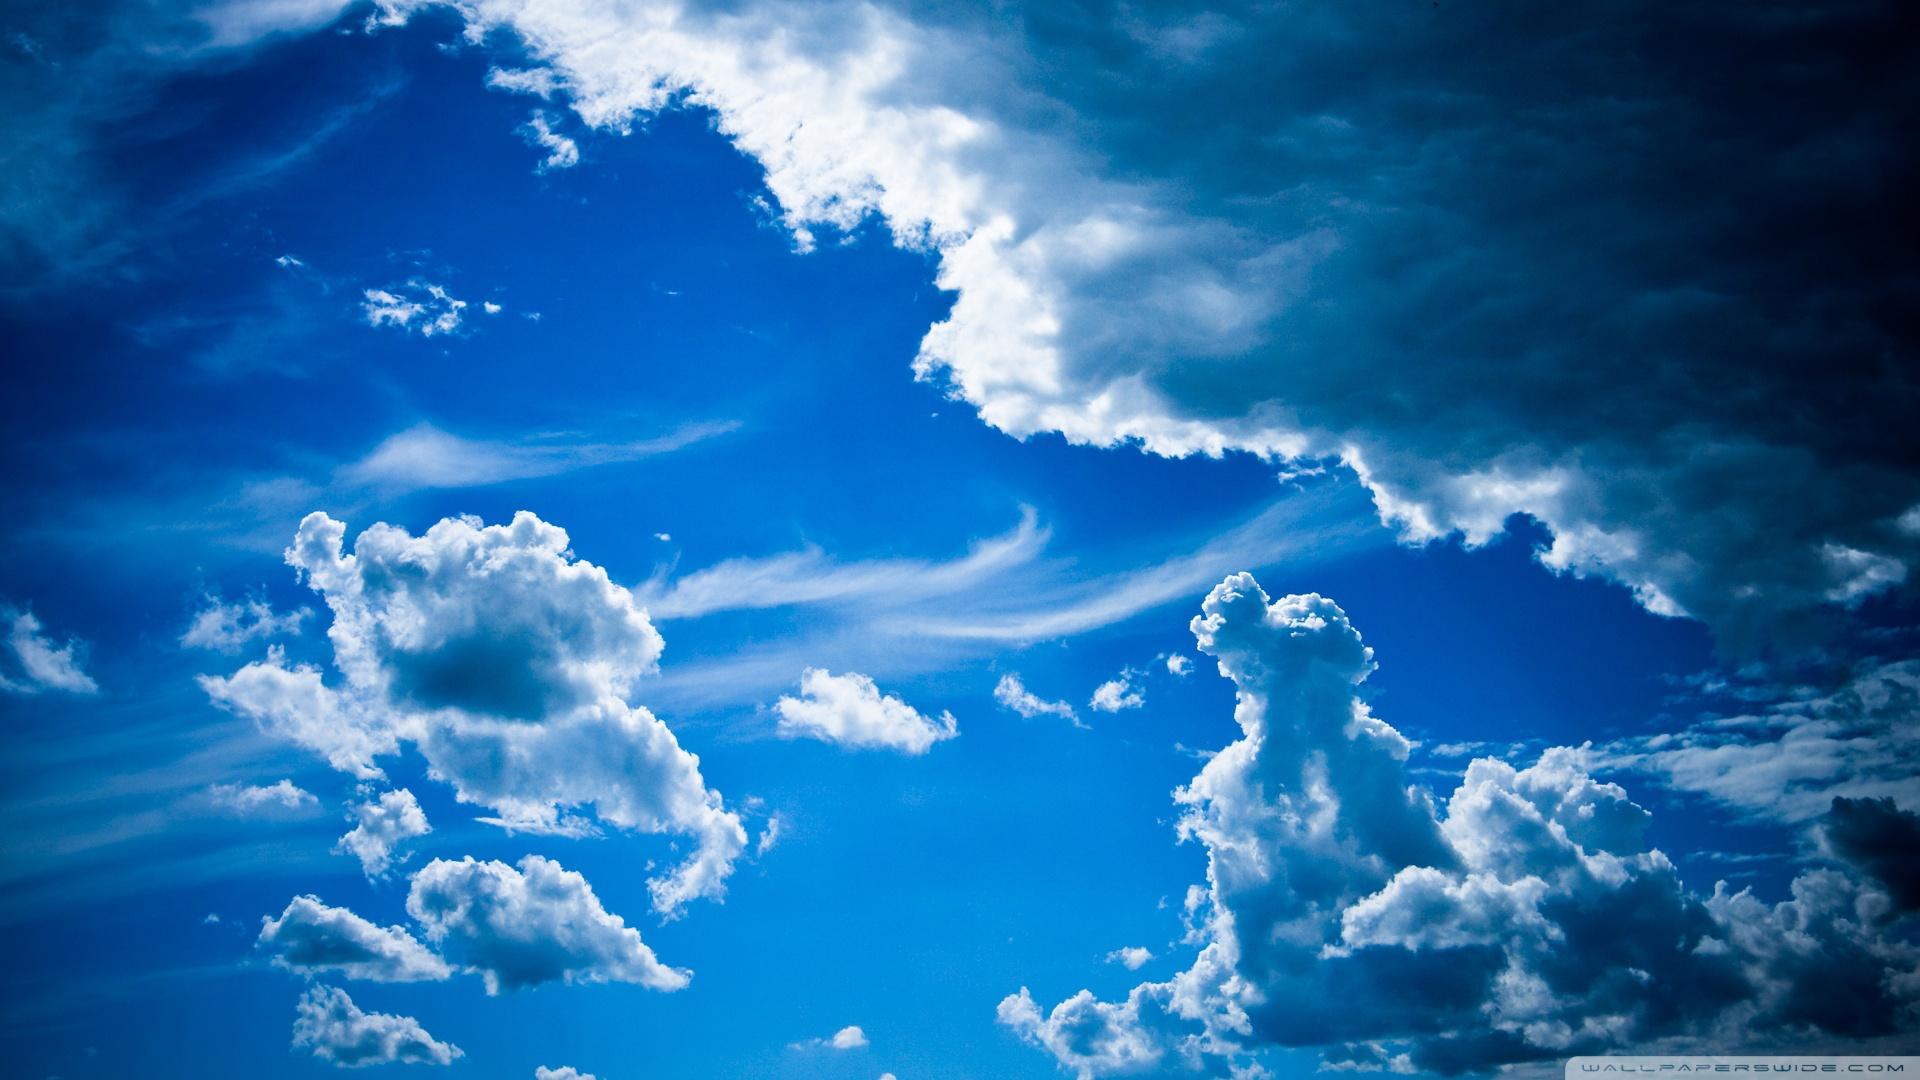 Blue Clouds Wallpaper 1920x1080 Blue Clouds 1920x1080